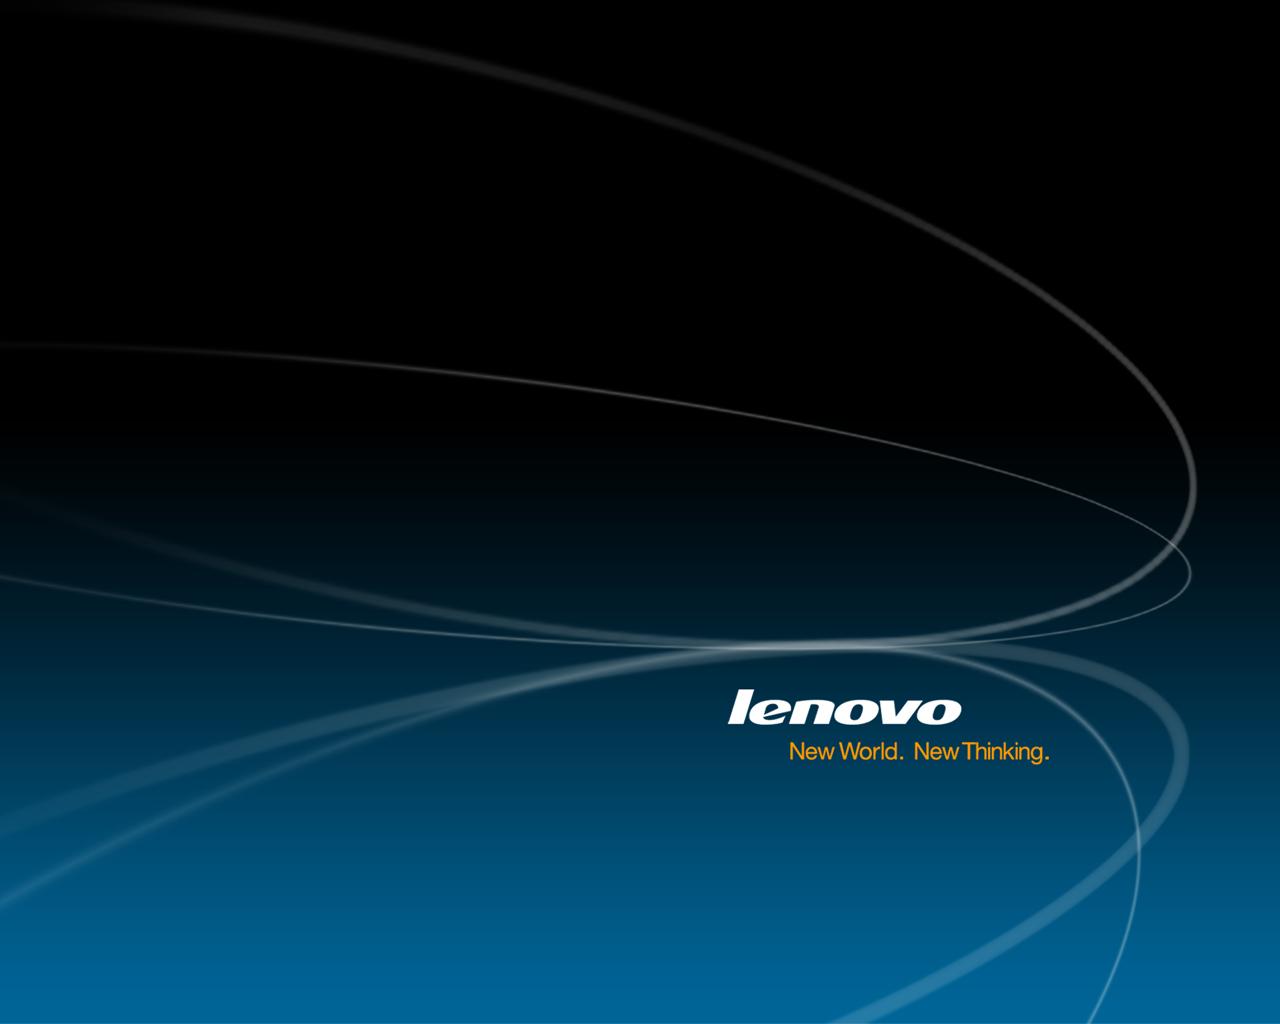 Lenovo Wallpaper Car: Desktop Wallpapers For Lenovo